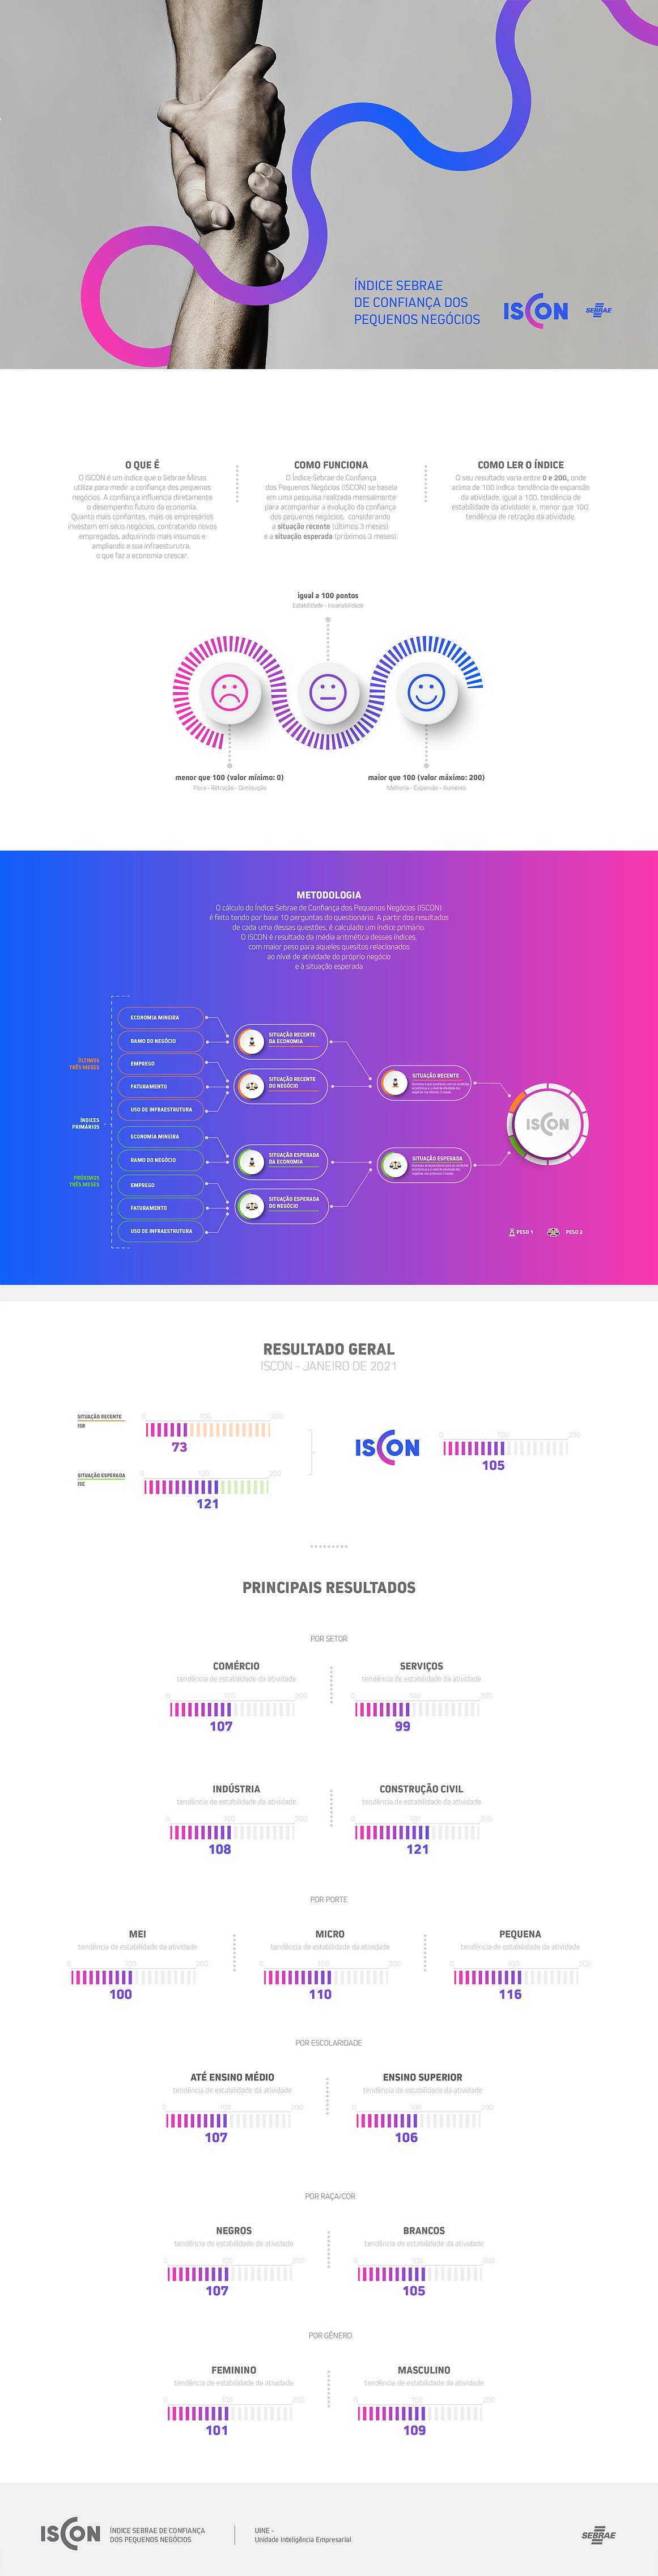 Infográfico Iscon reeditado.png